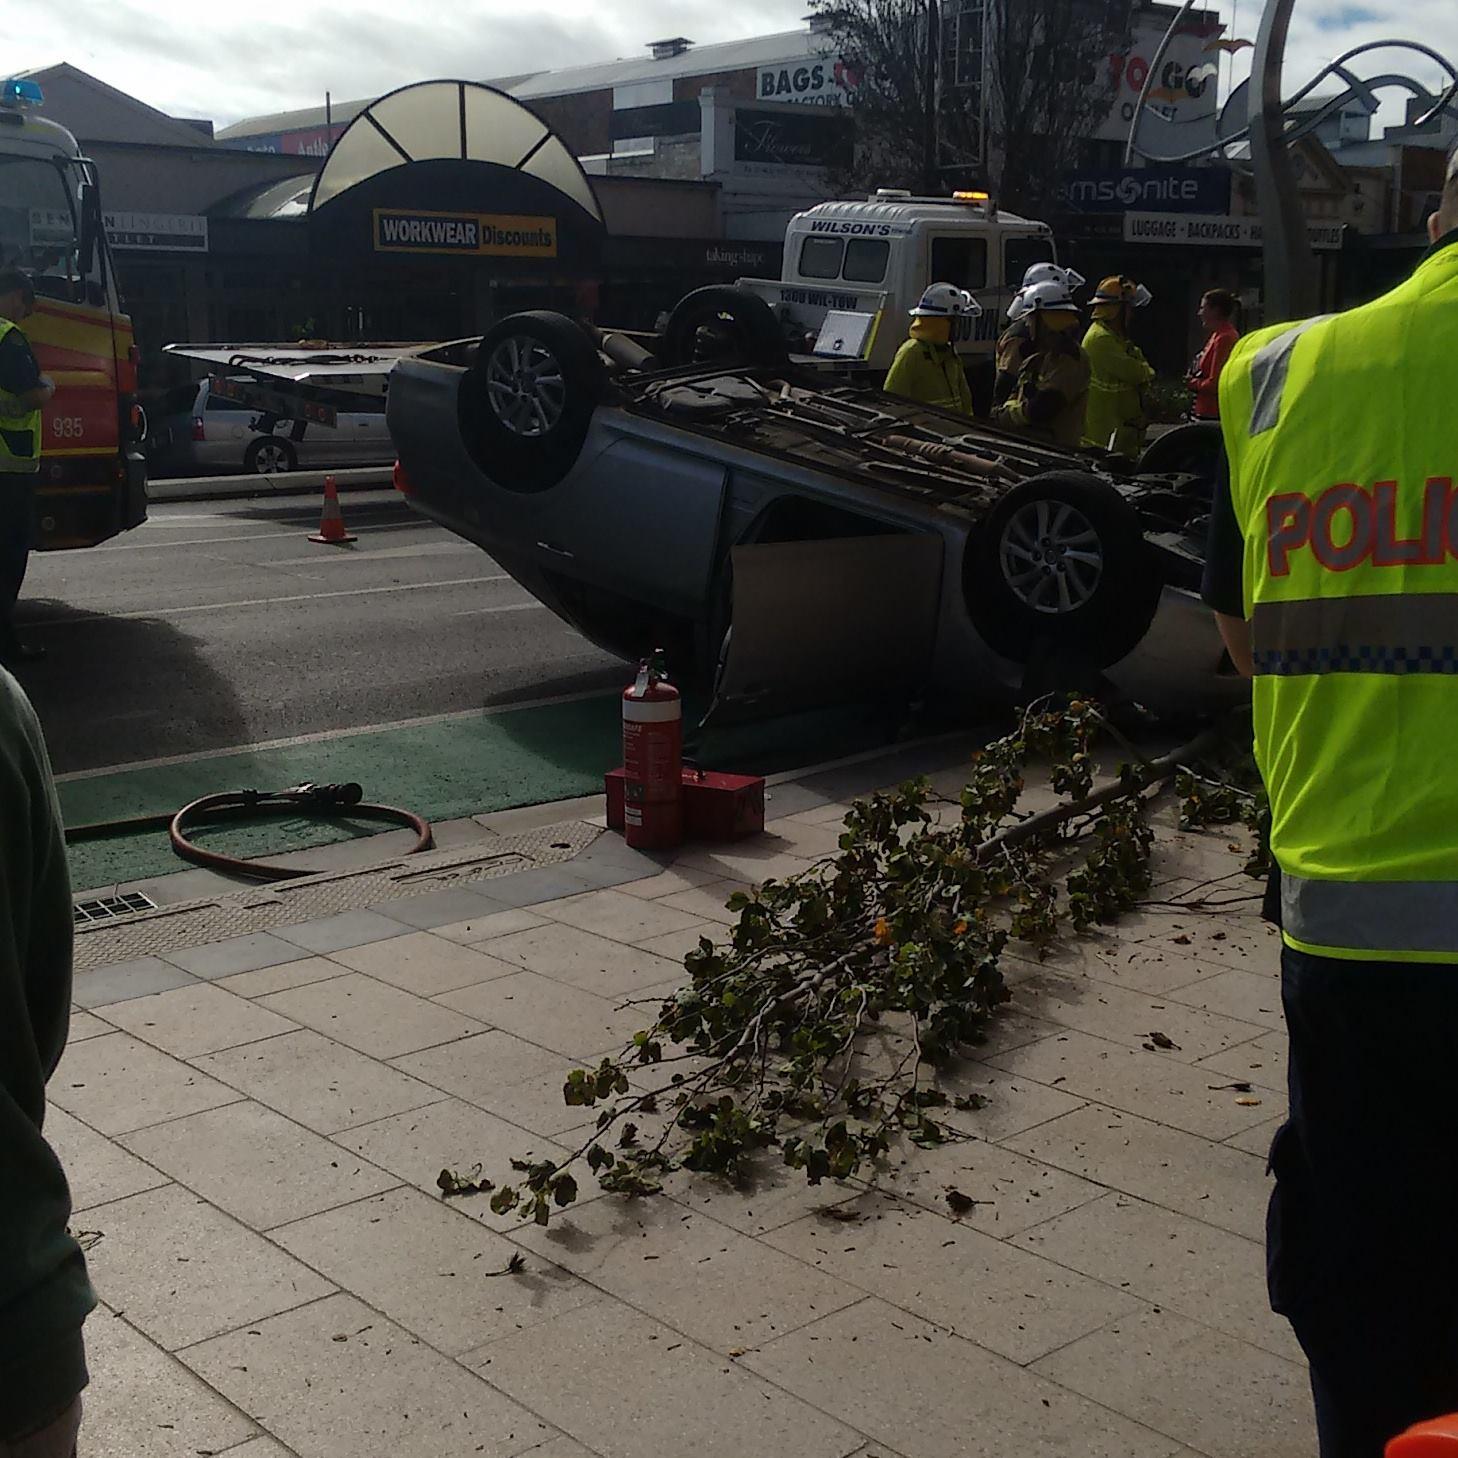 The scene of the crash near Grand Central.